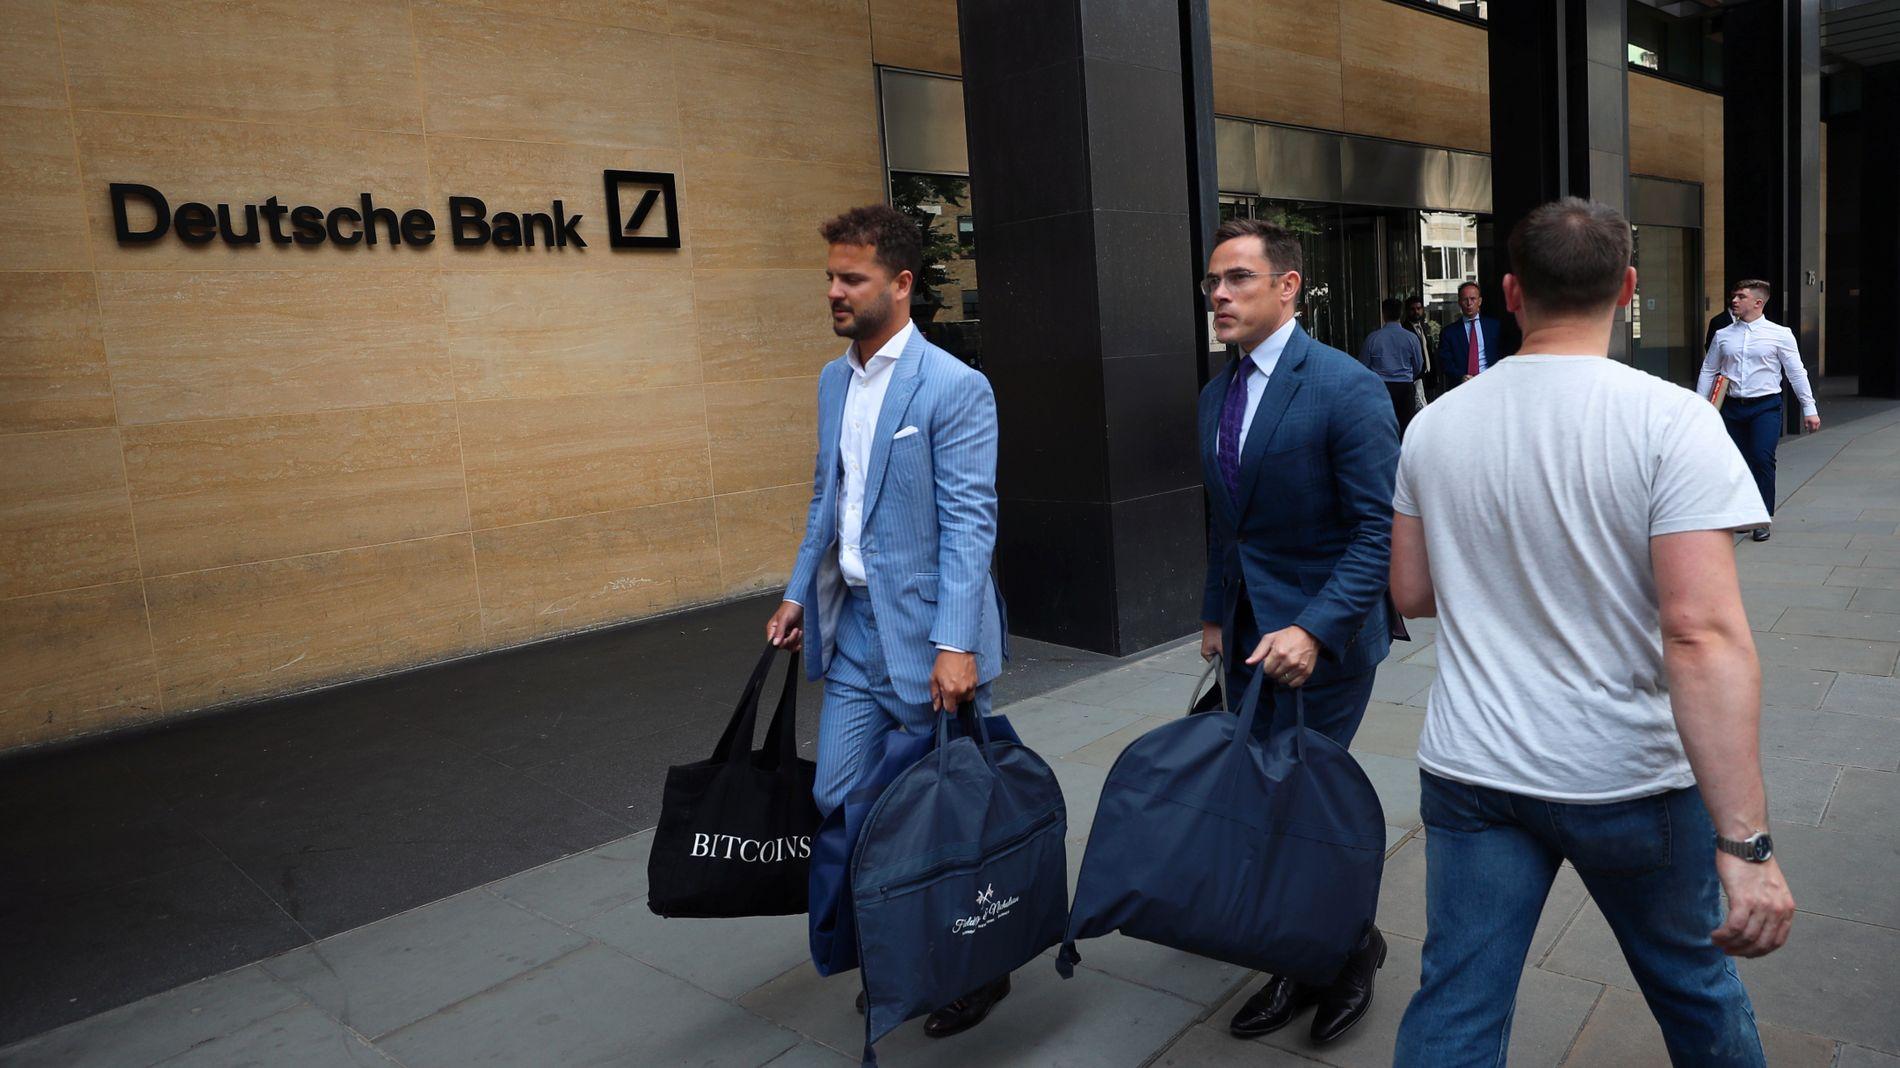 SKREDDERNE: De velkledde skredderne sett utenfor London-kontoret til Deutsche Bank samme dag som ansatte pakket sammen sakene sine.